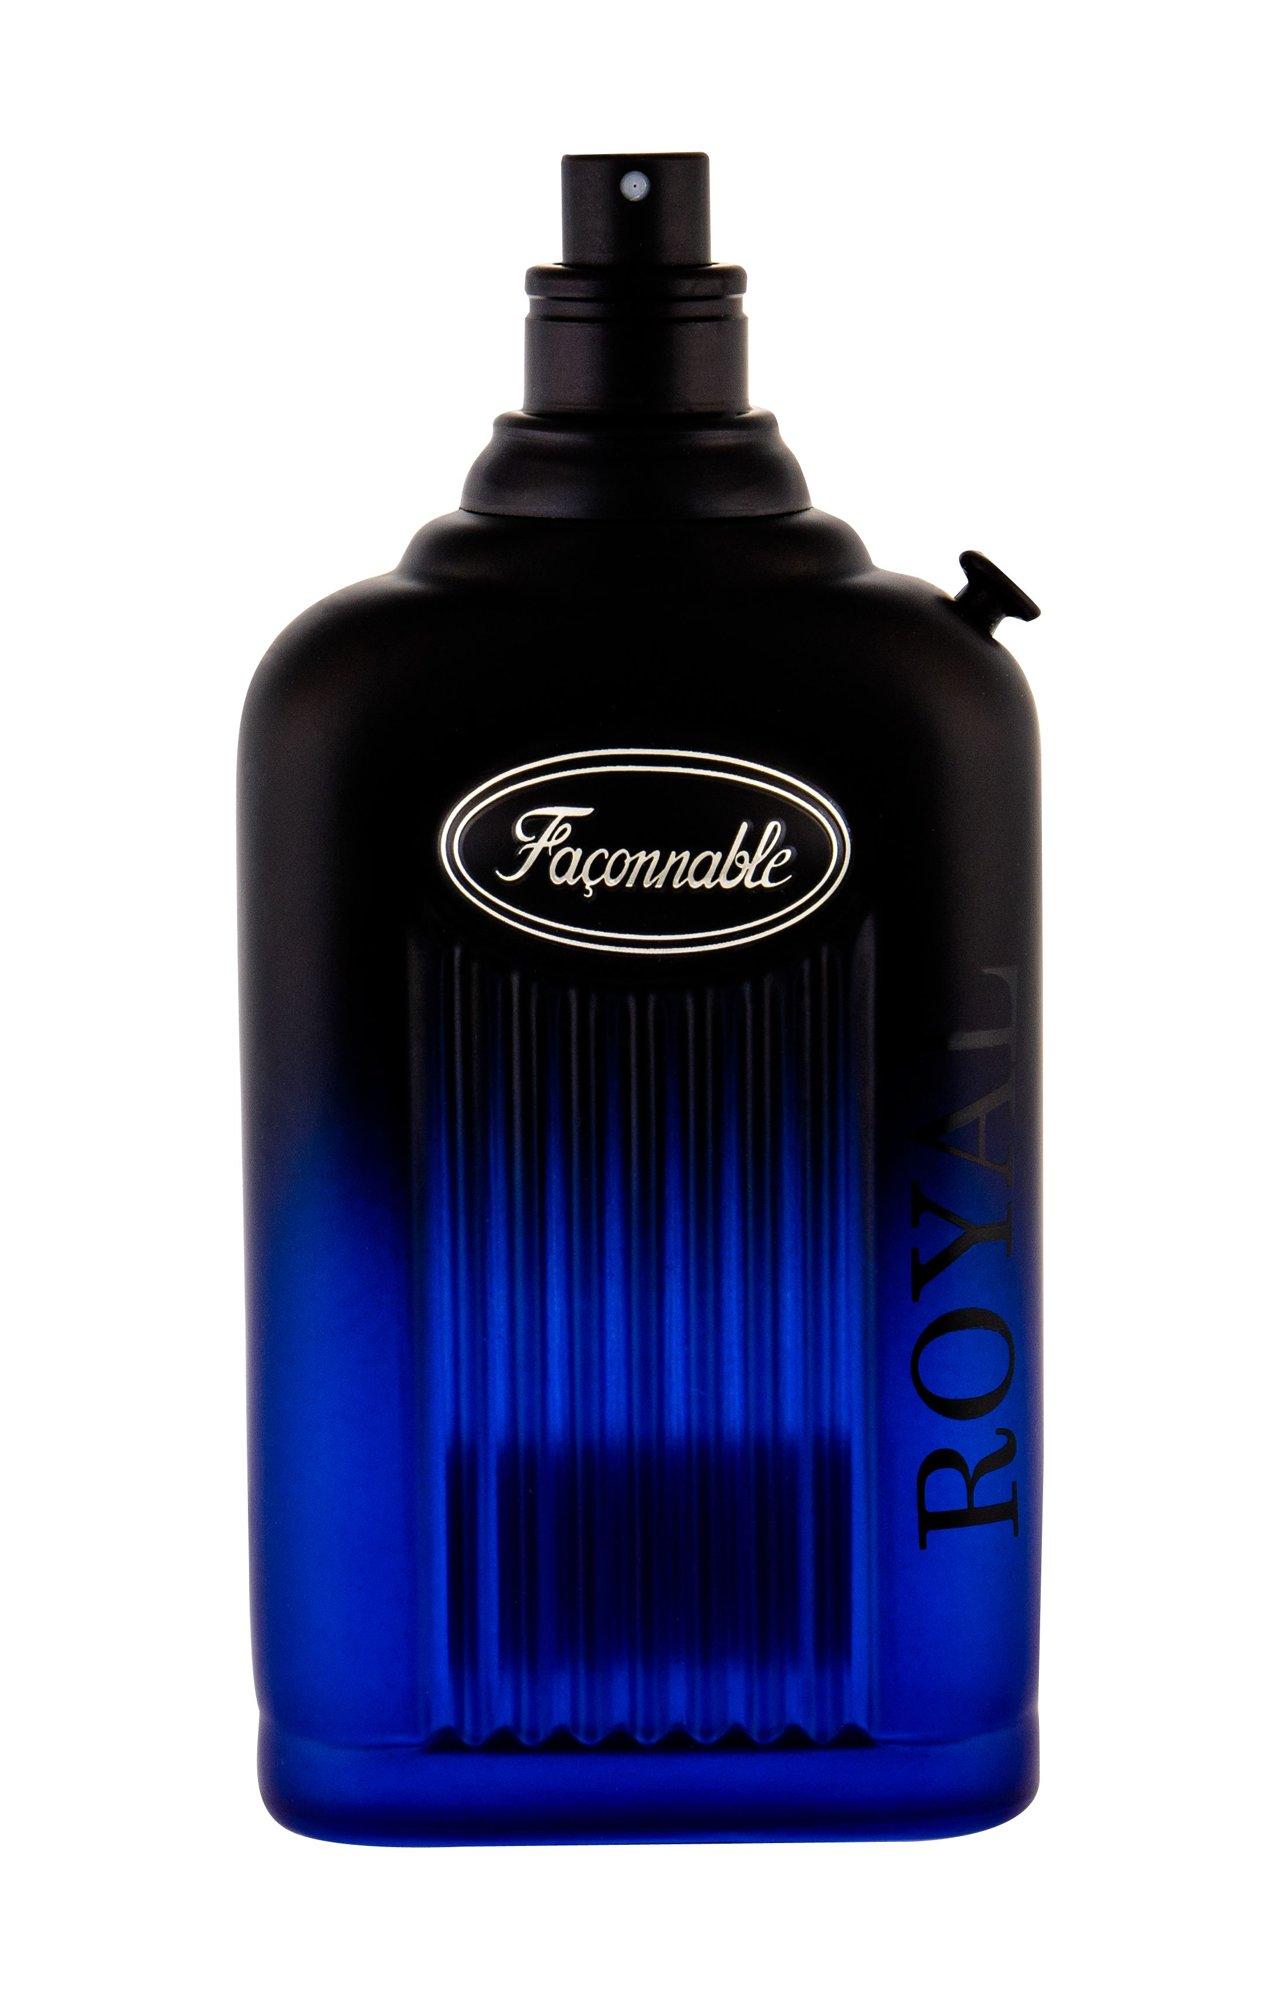 Faconnable Royal Eau de Parfum 100ml